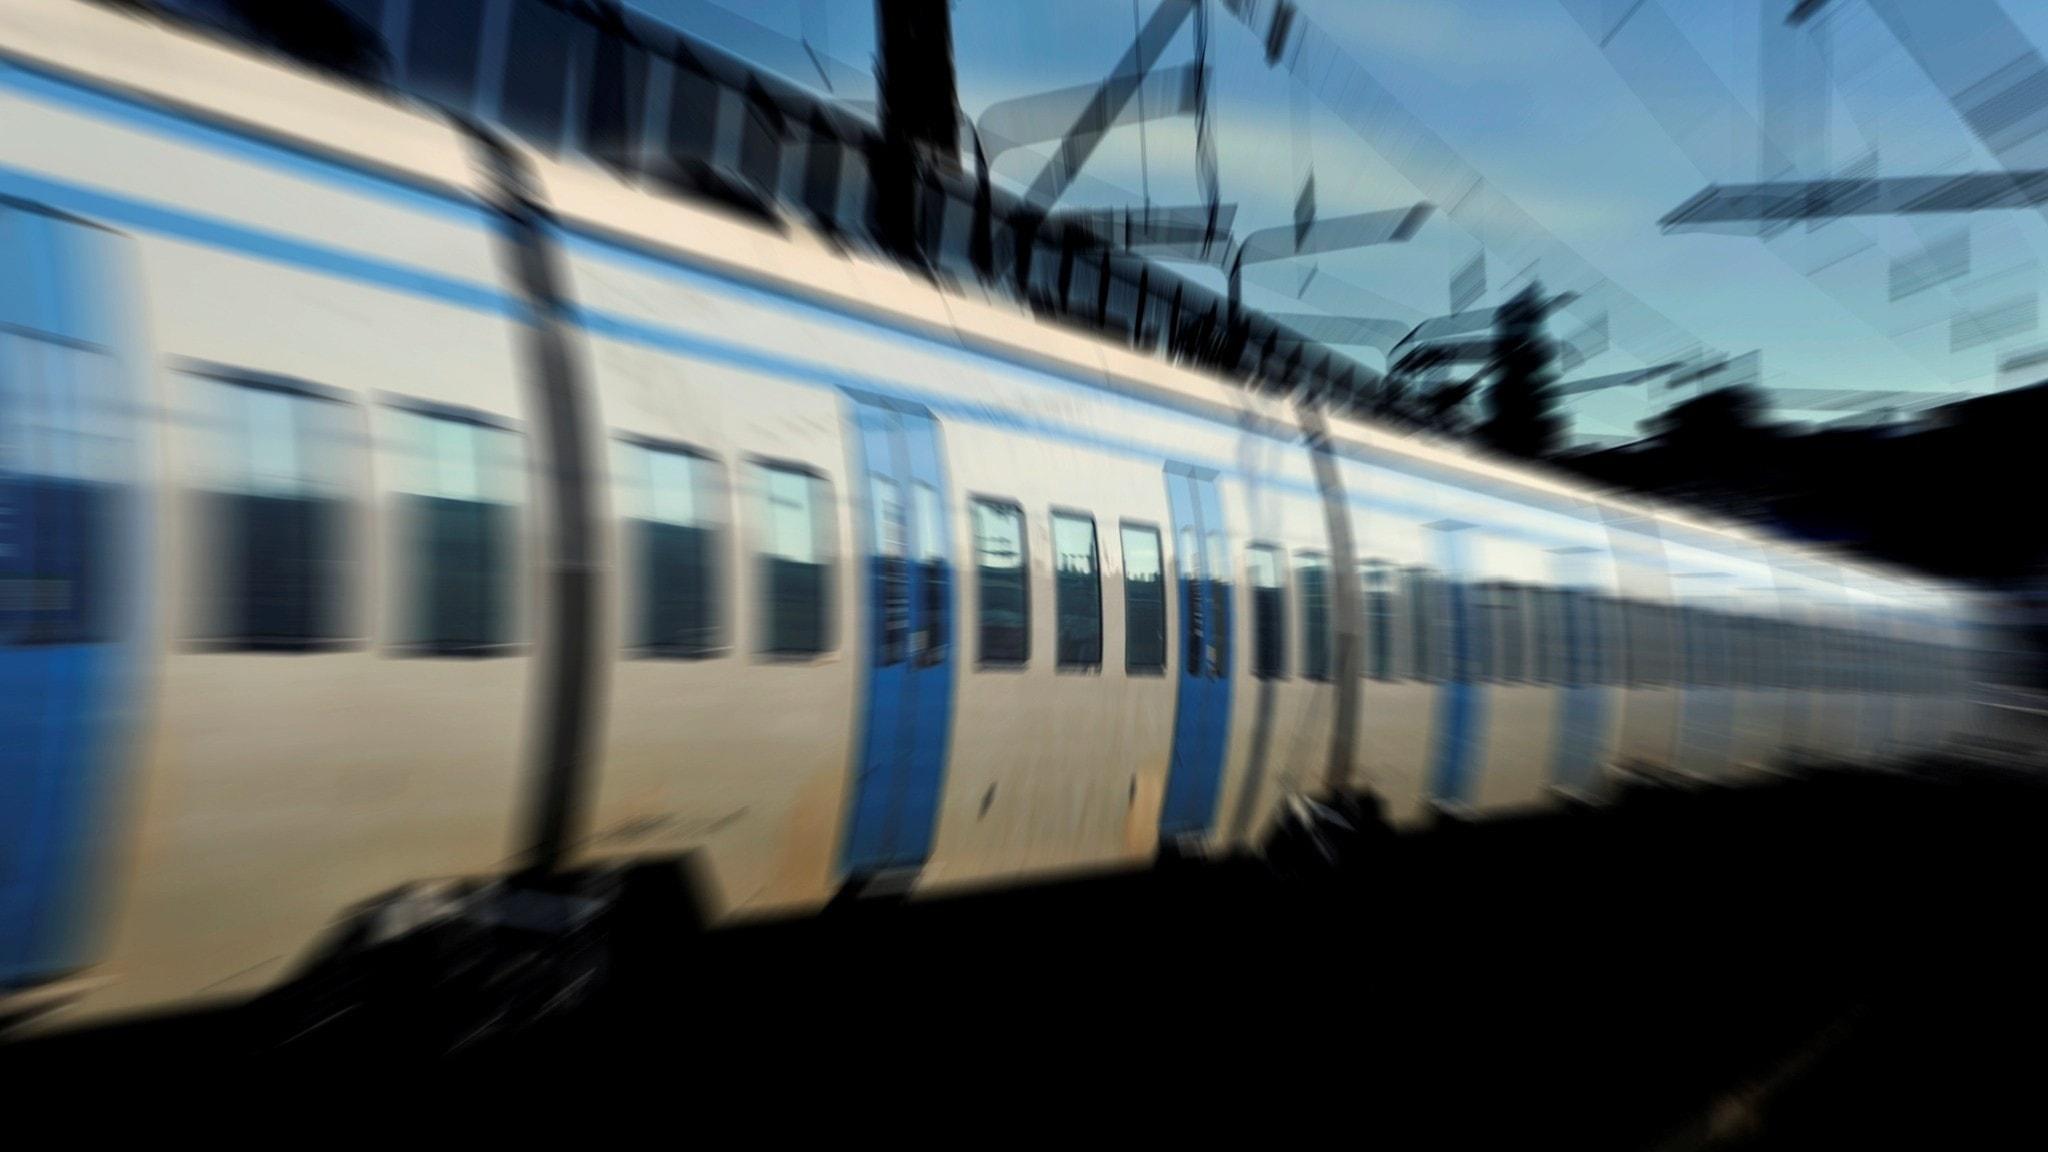 13-åringar rånade på pendeltåg – ingen vuxen grep in - P4 Uppland